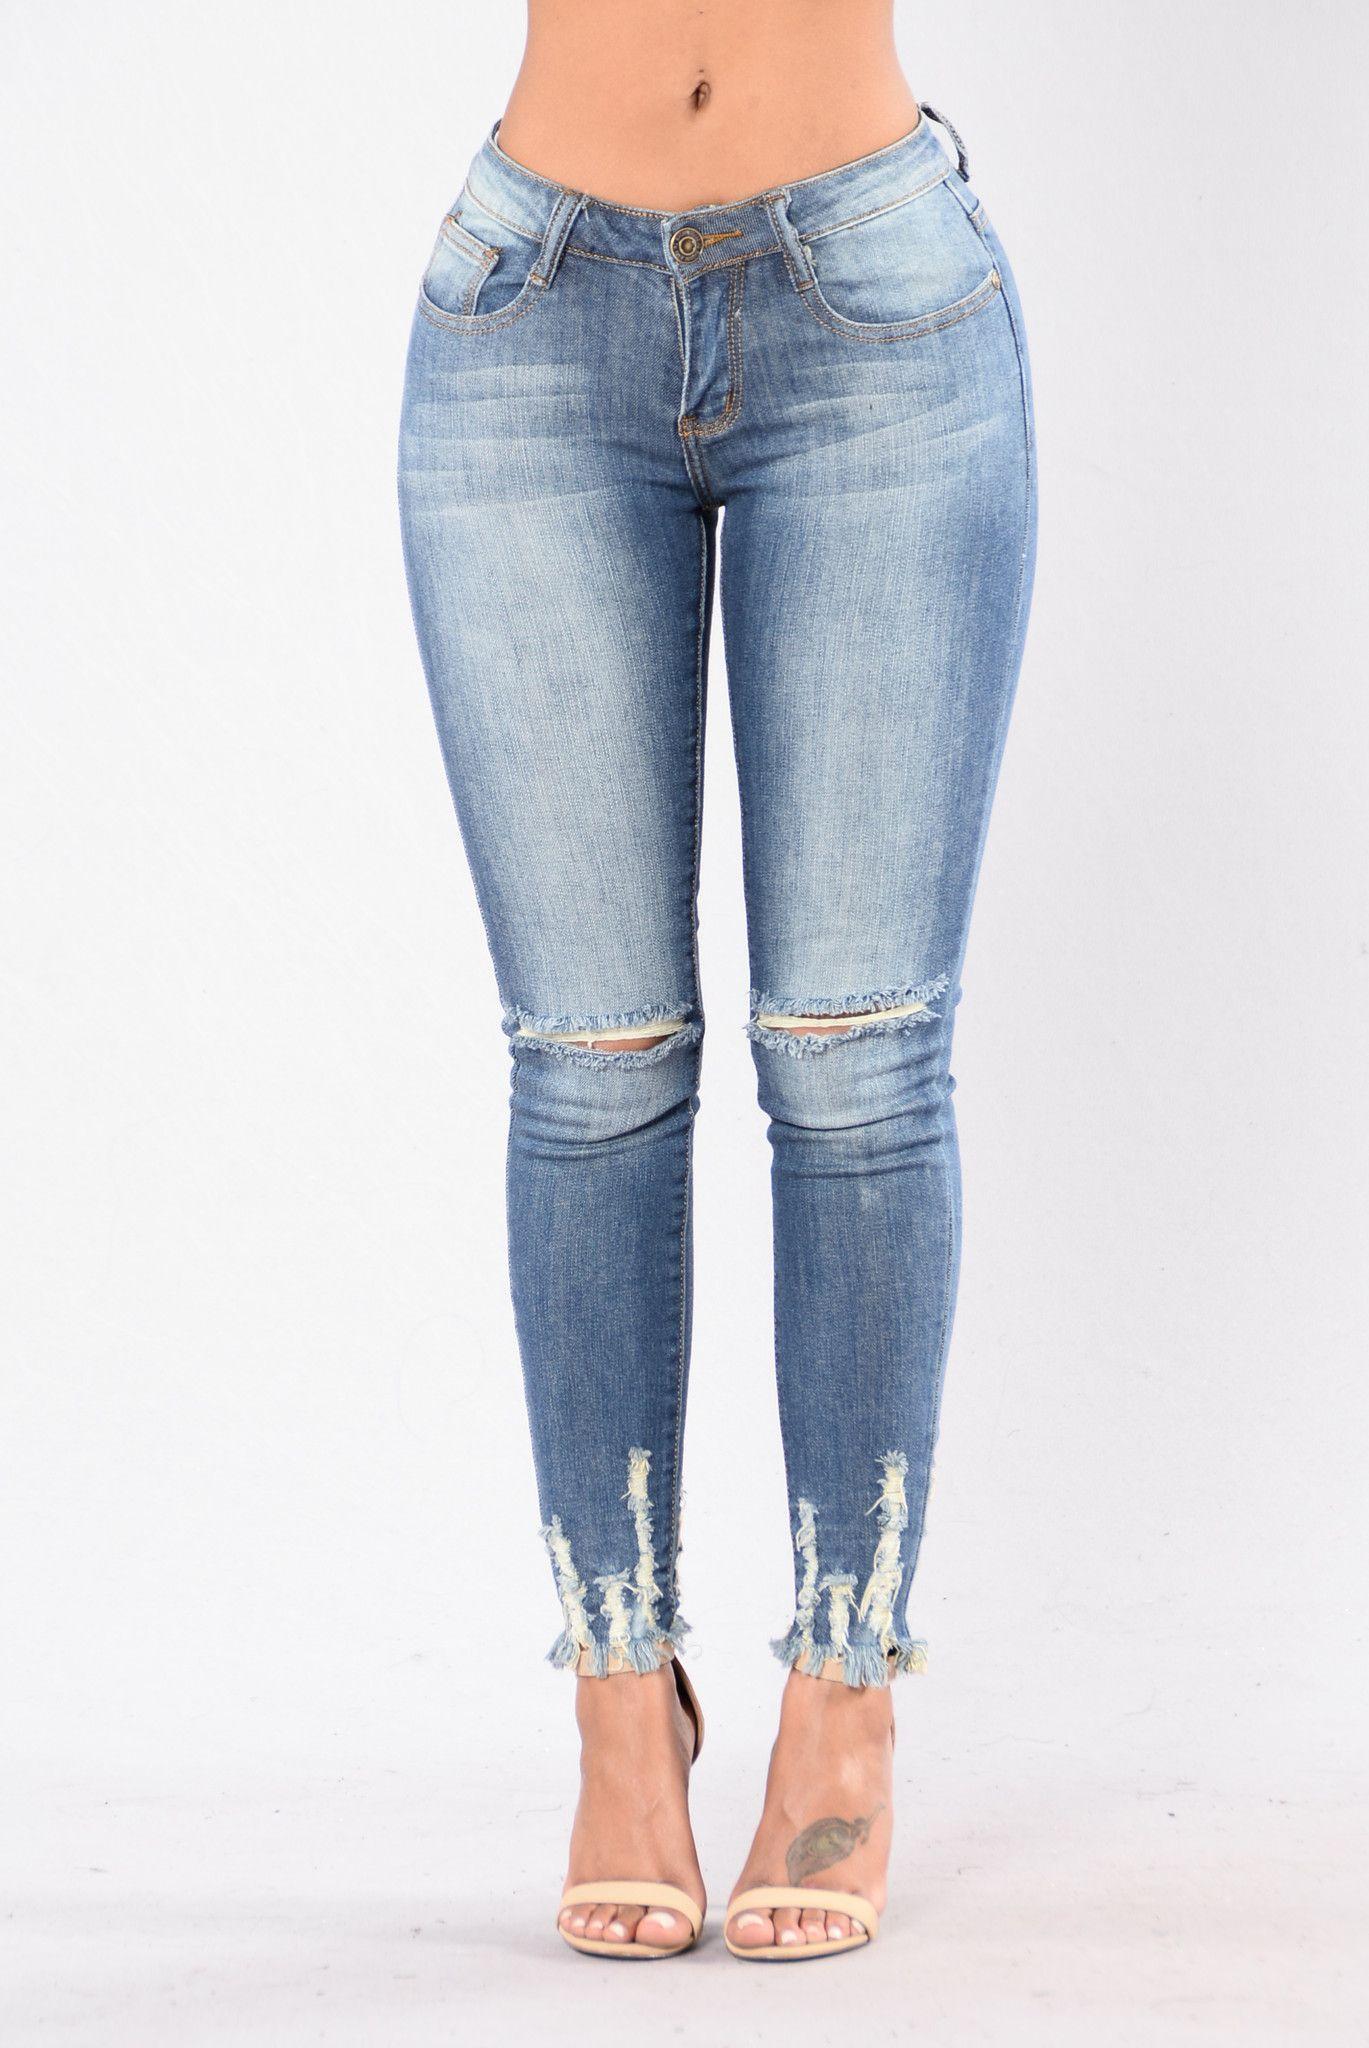 e40cc91e9 Weak At The Knees Jeans - Medium Wash Lavagem